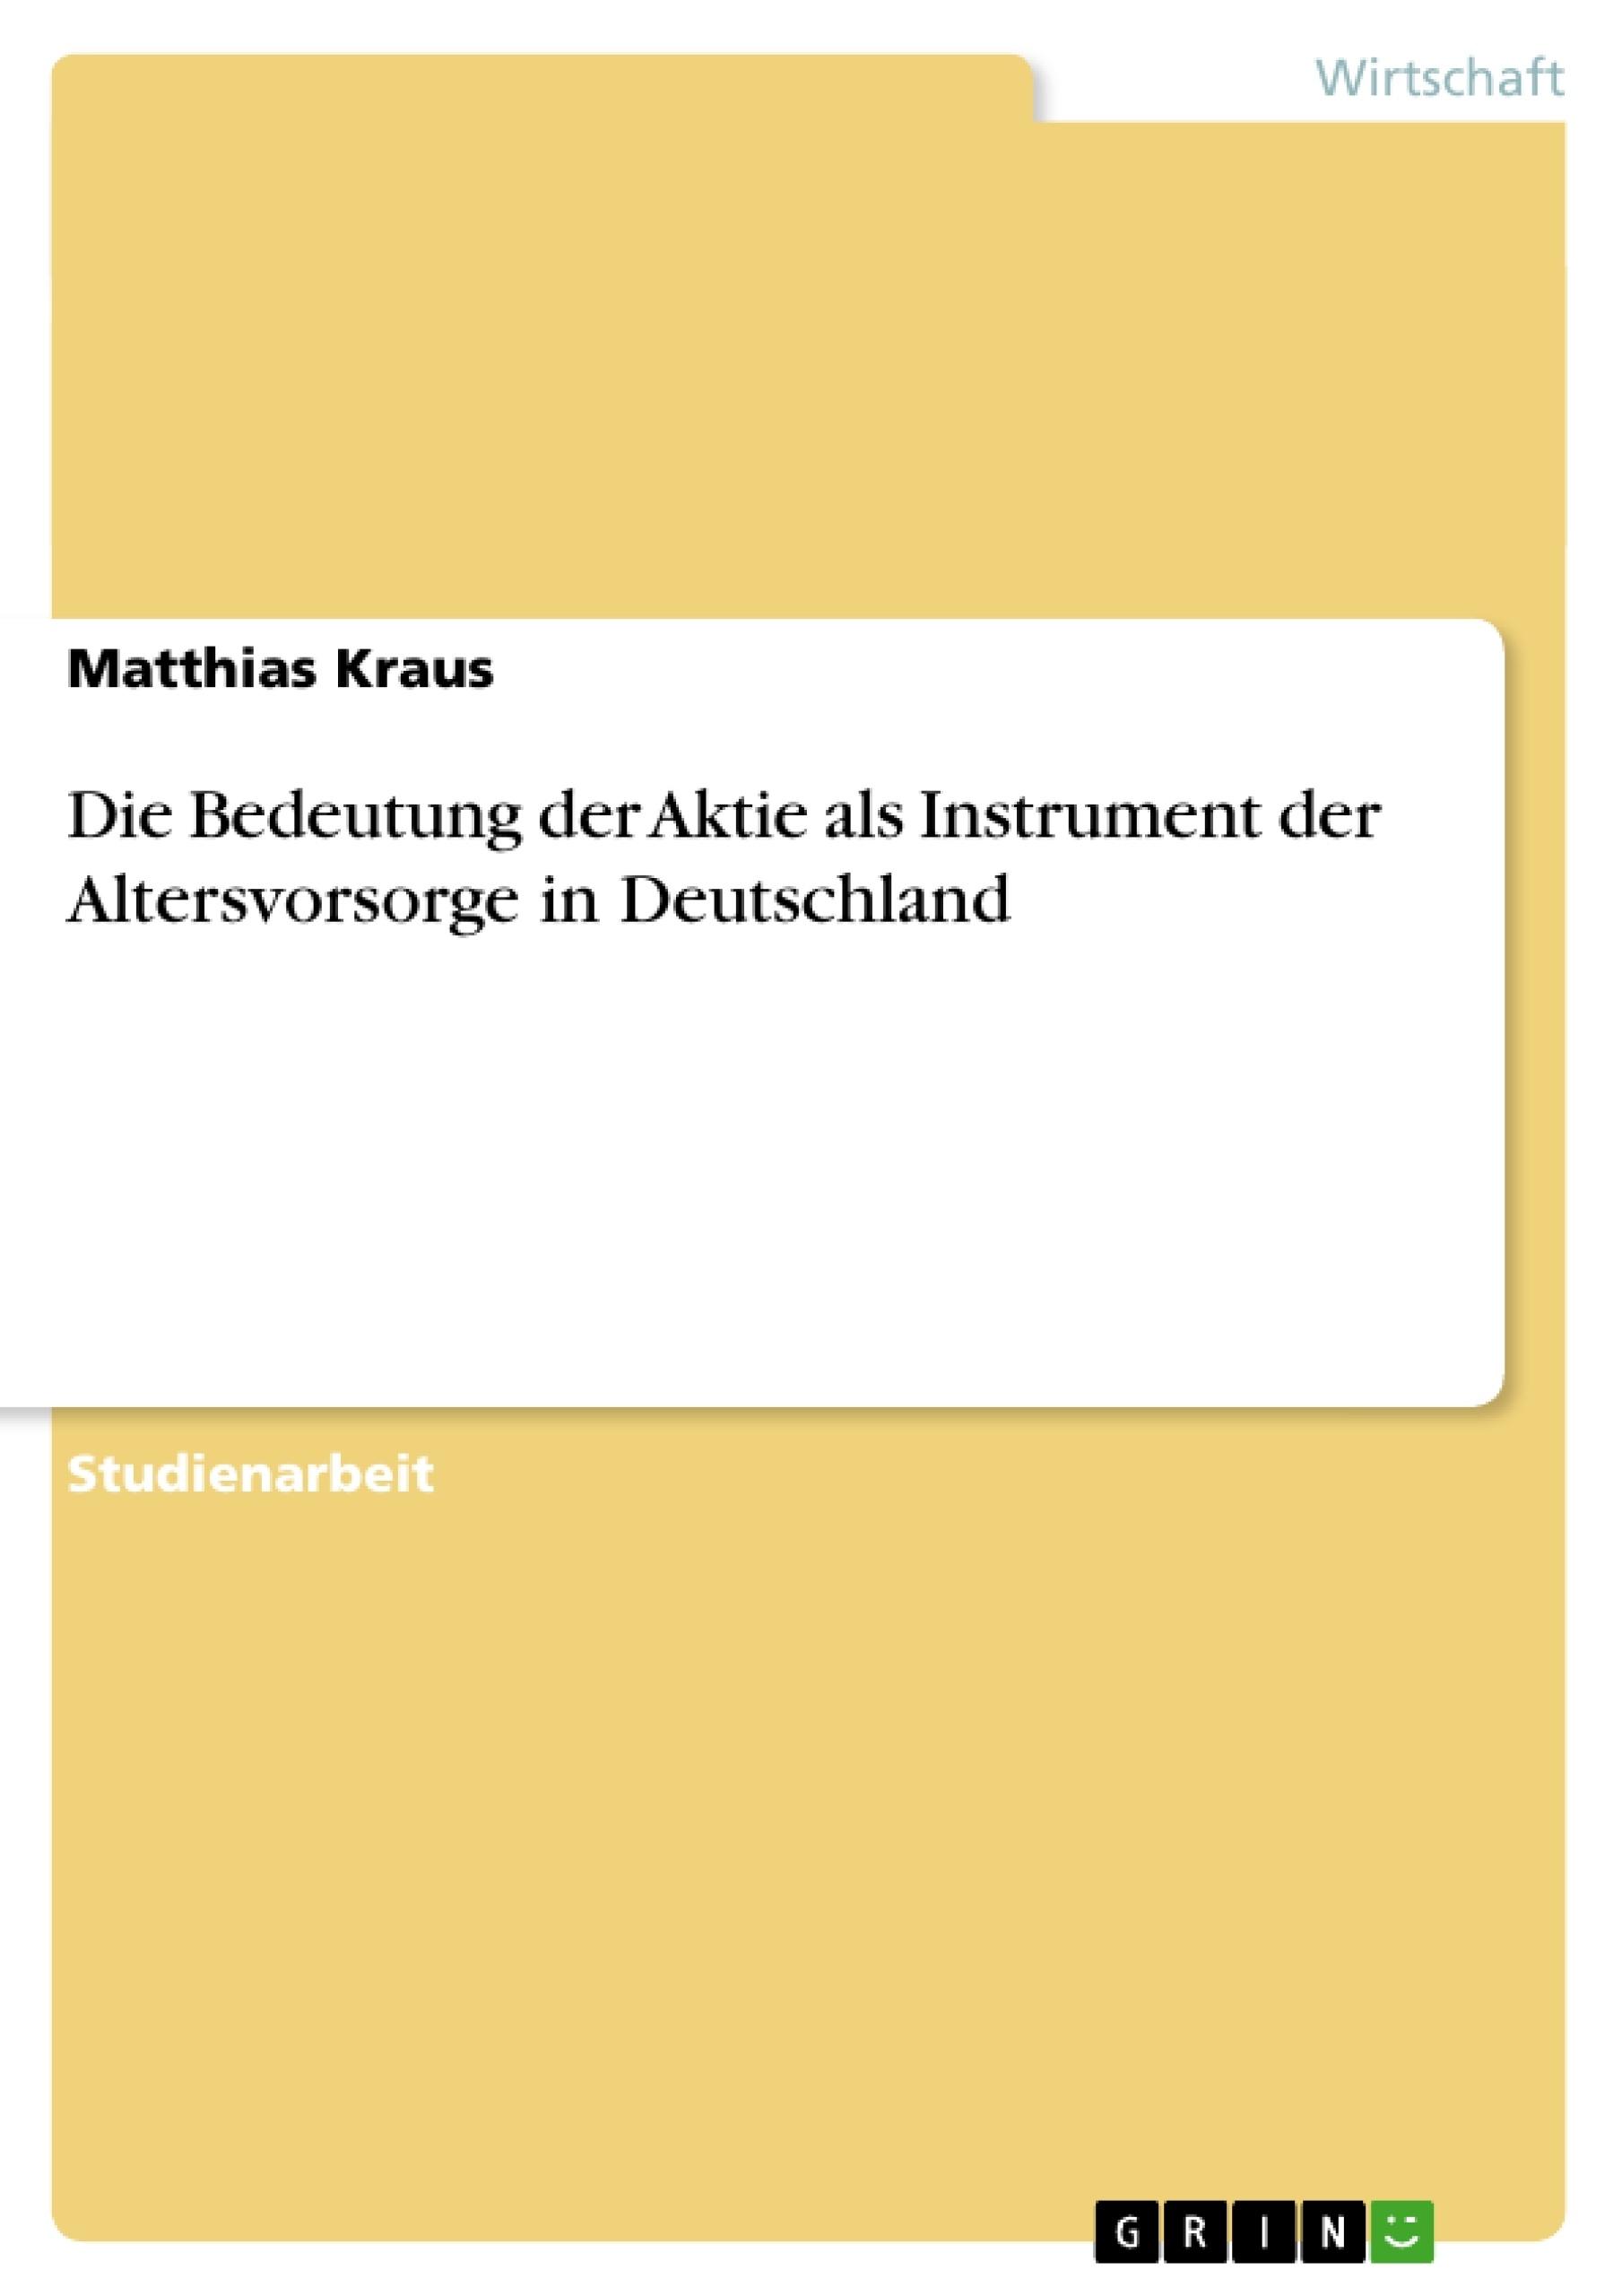 Titel: Die Bedeutung der Aktie als Instrument der Altersvorsorge in Deutschland